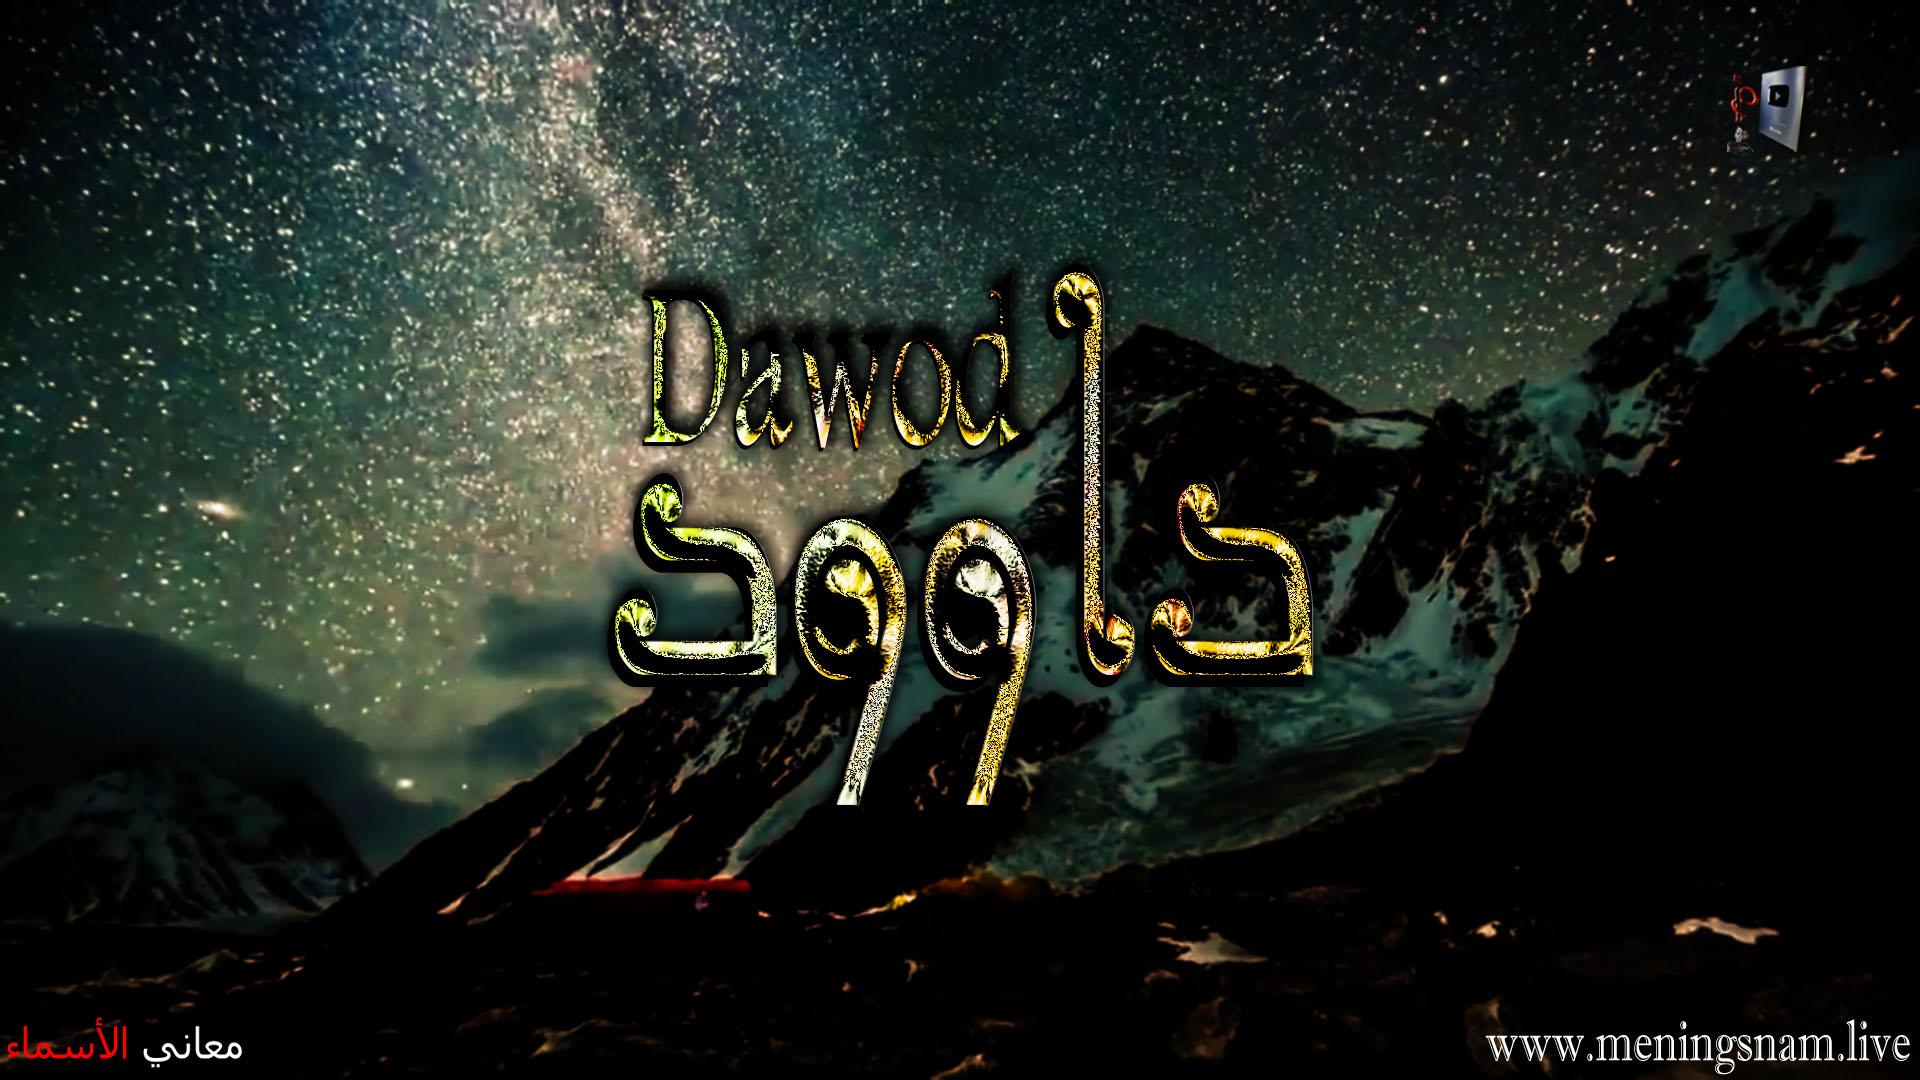 معنى اسم داوود وصفات حامل هذا الاسم Dawood